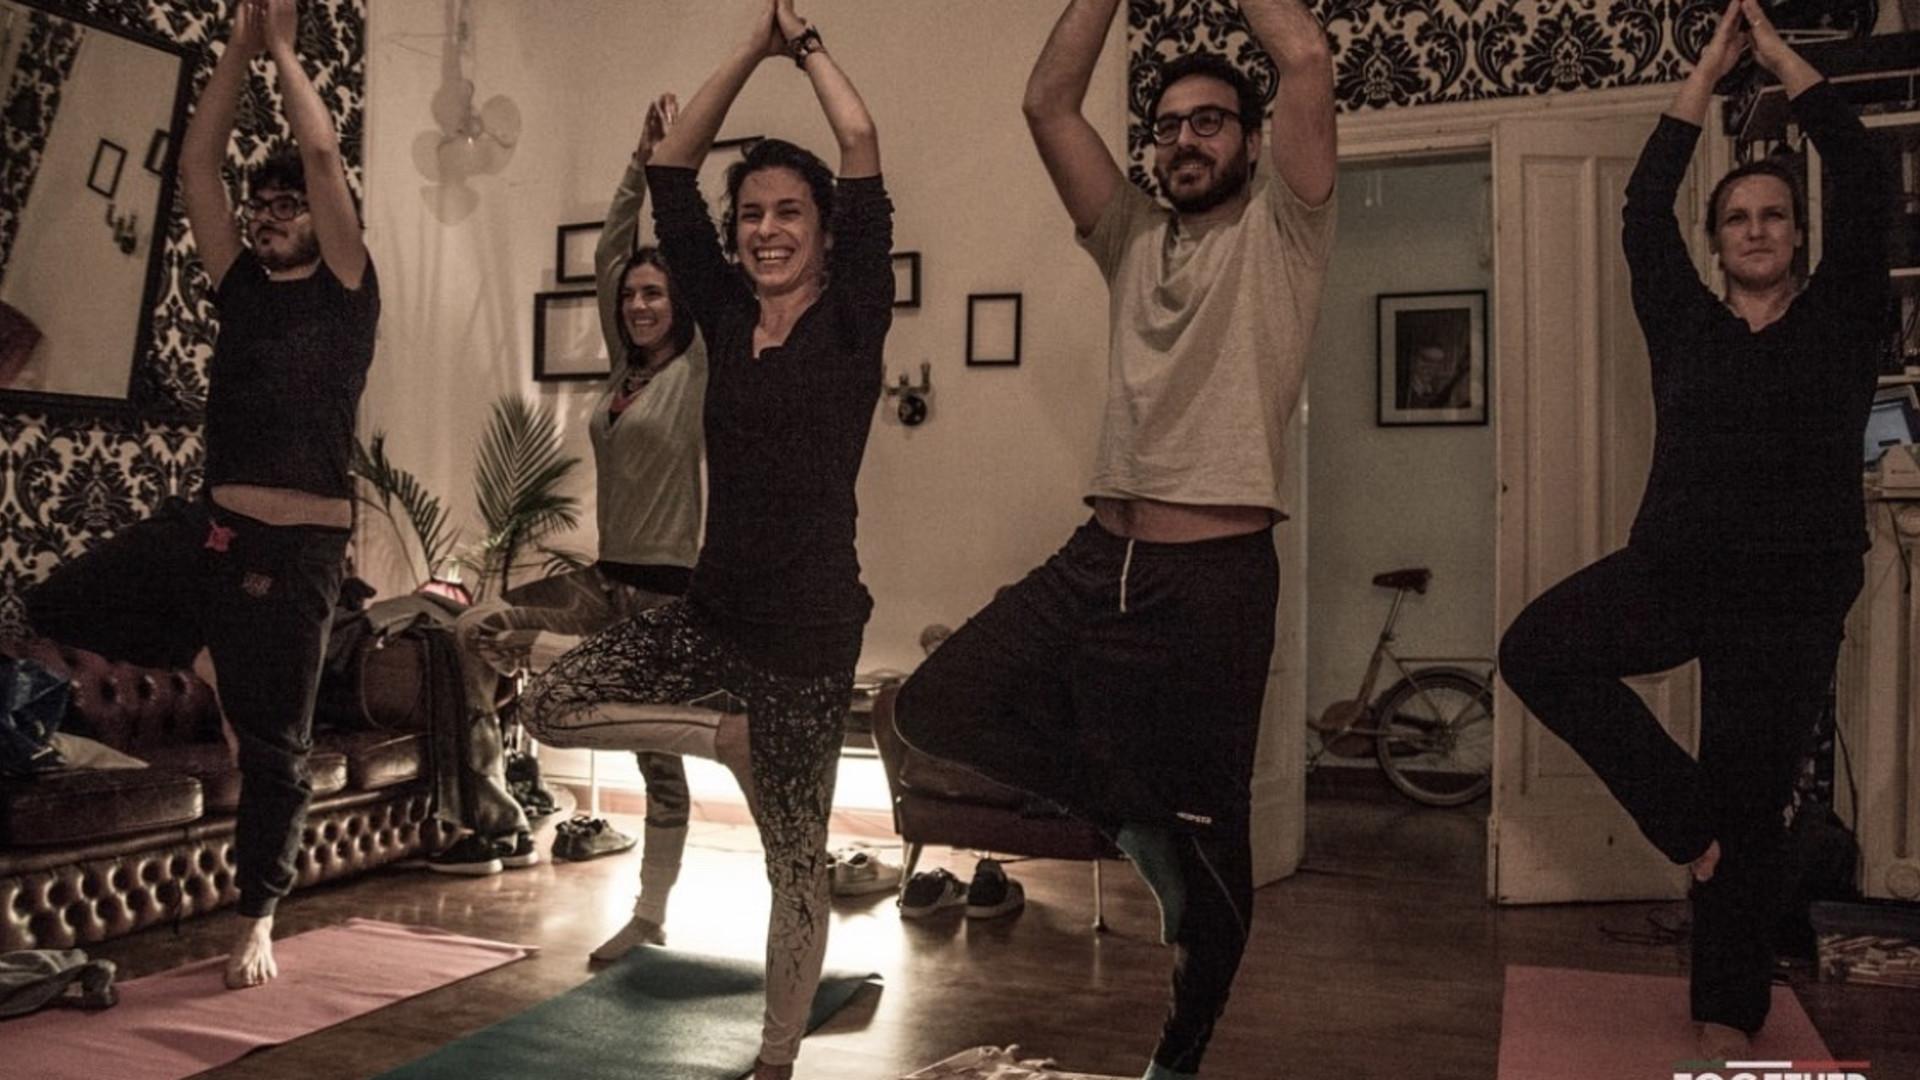 Yogassage Together